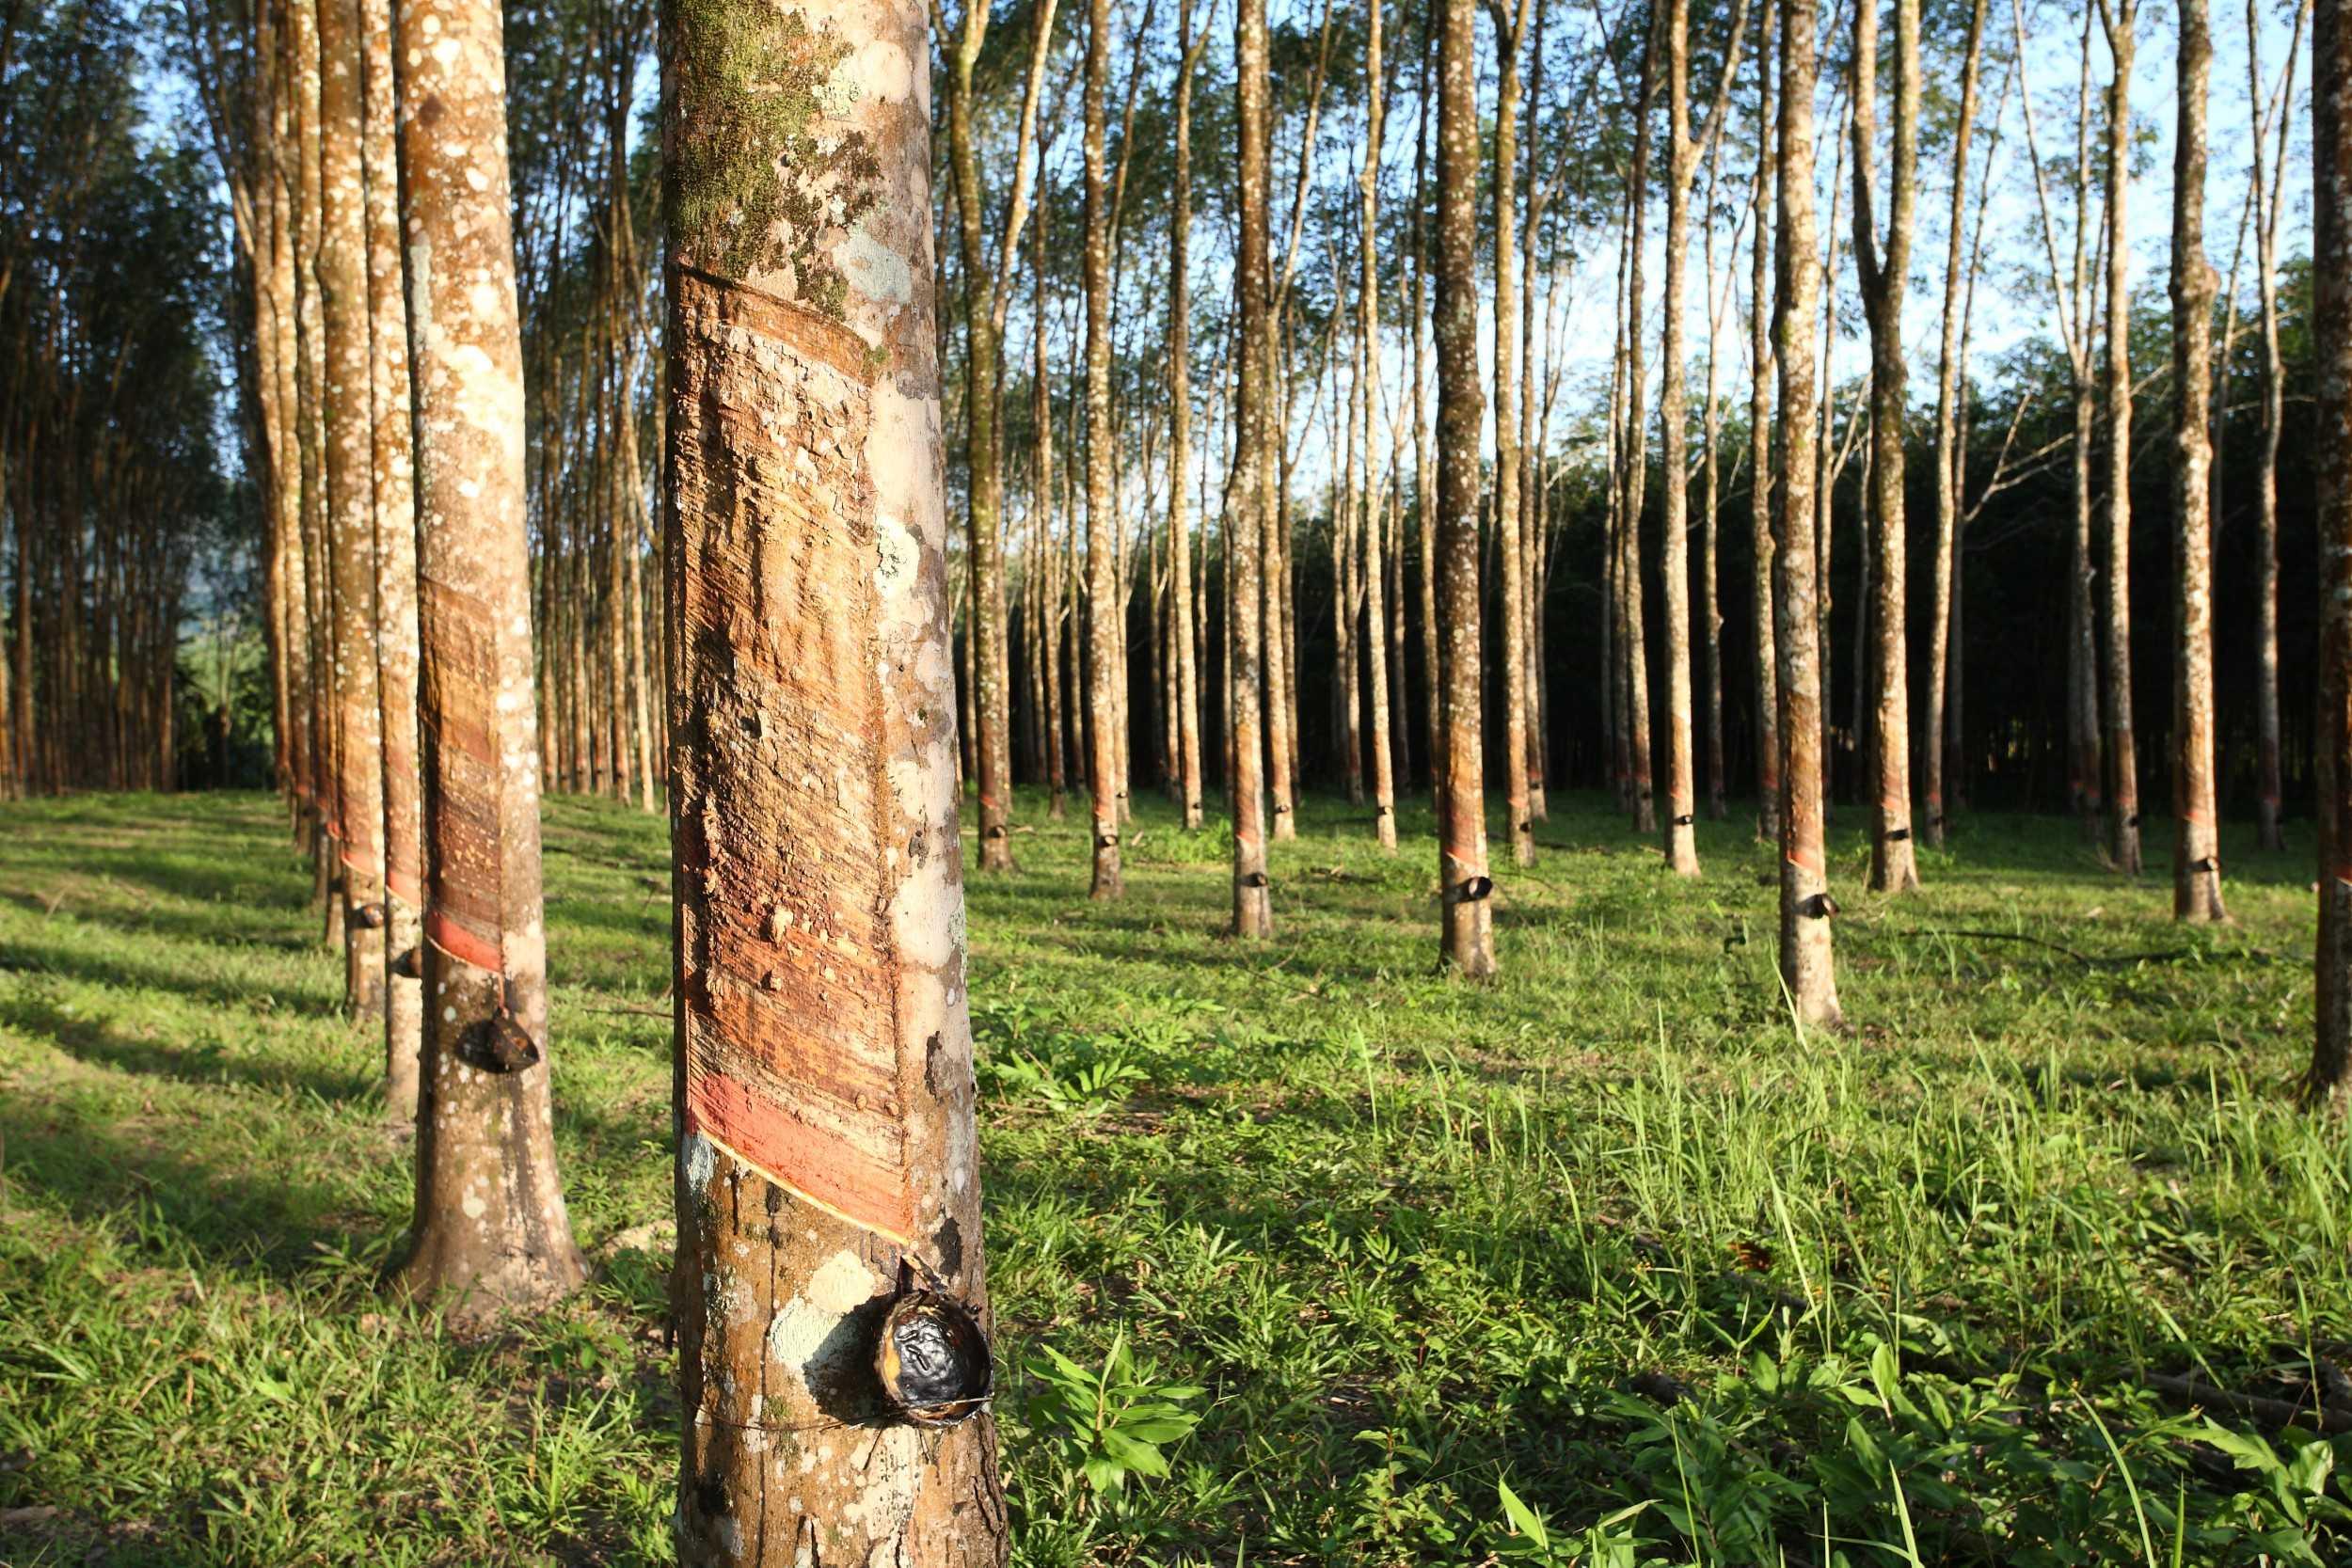 Segundo o Idam, a cadeia produtiva da borracha é uma das prioridades do Governo do Estado a ser implementada pela Secretaria Estadual de Produção Rural (Sepror). / Foto: Divulgação